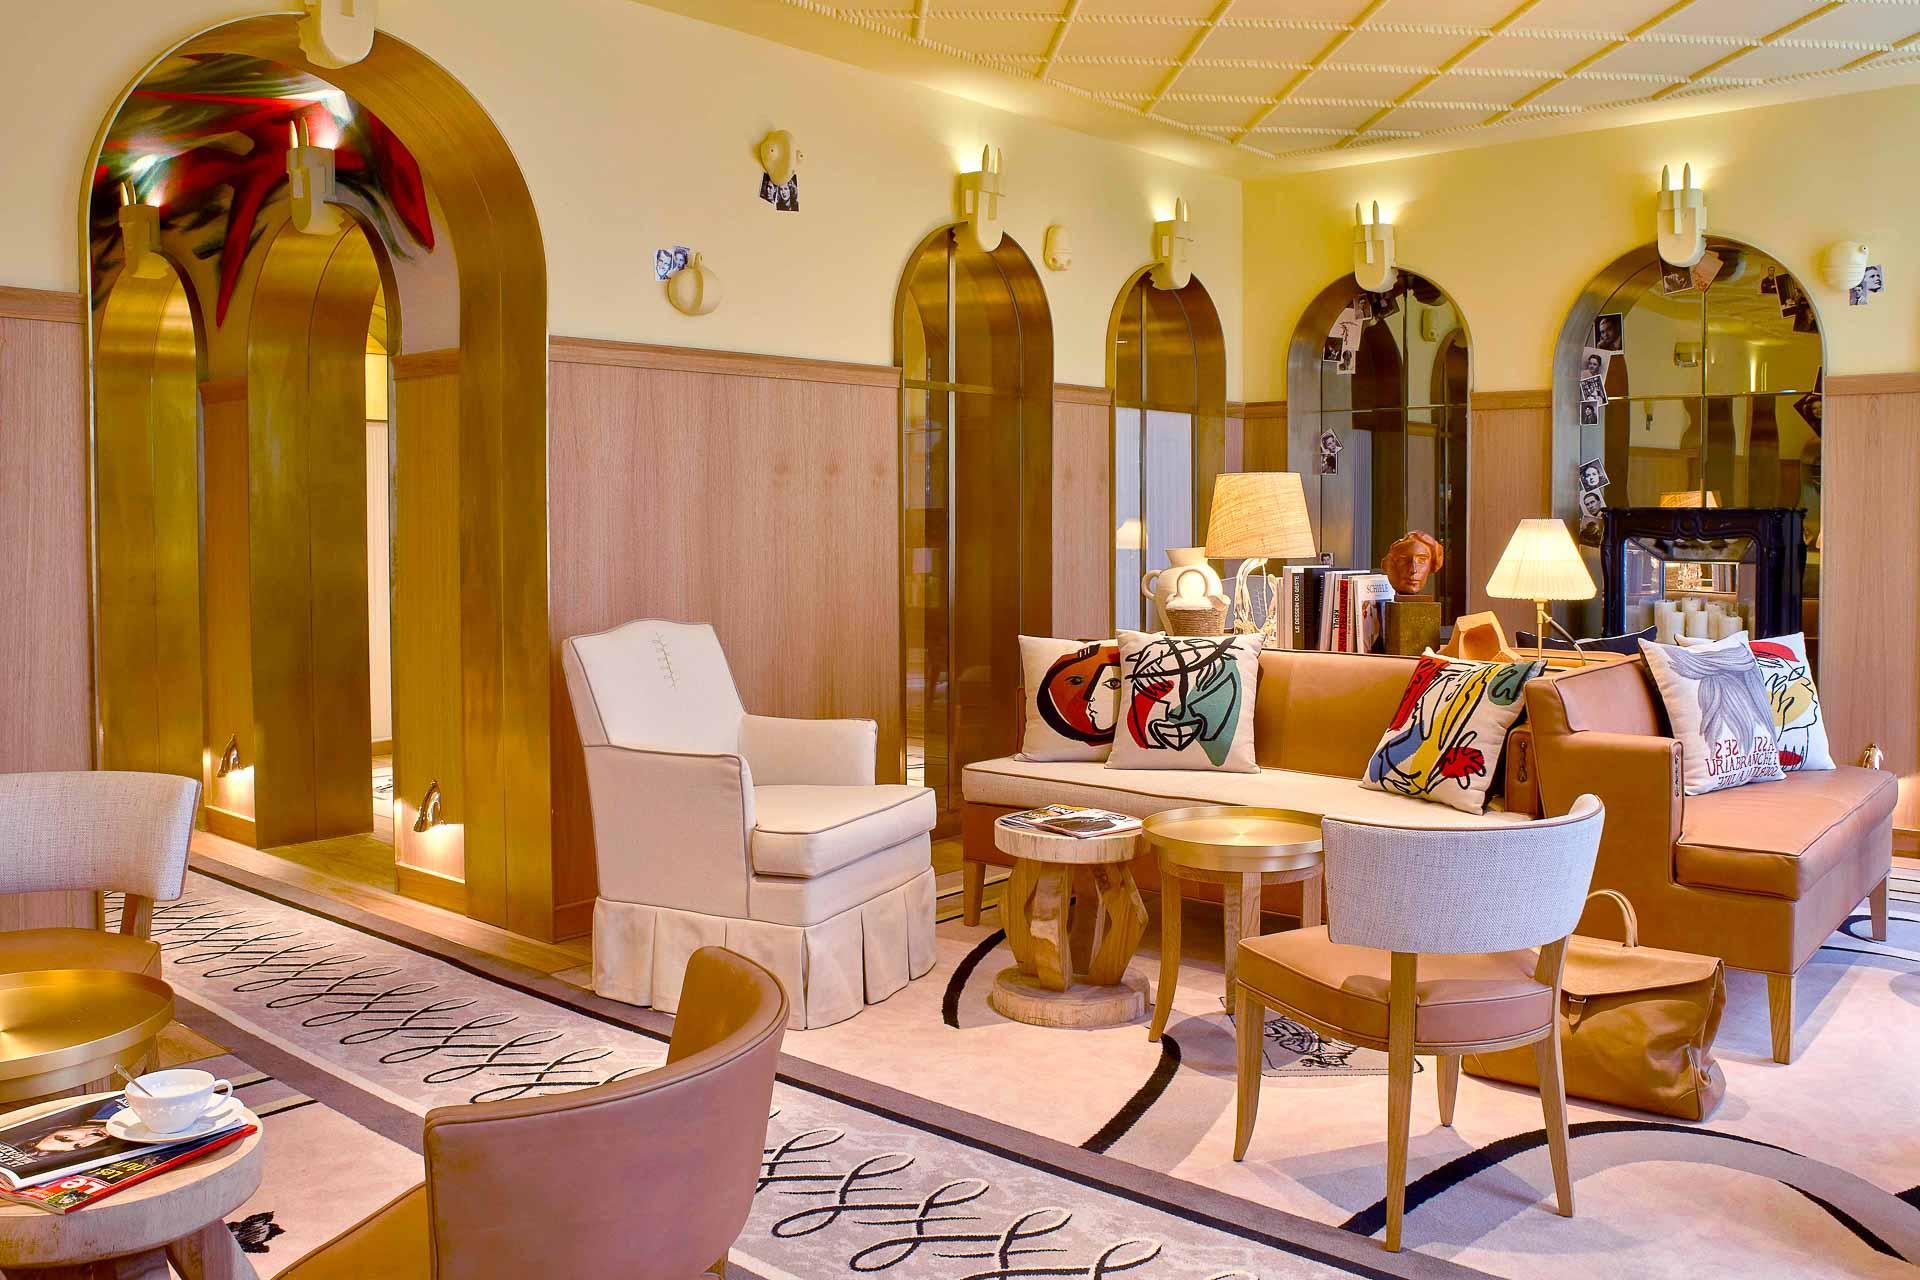 Les espaces communs de l'hôtel 9 Confidentiel © DR